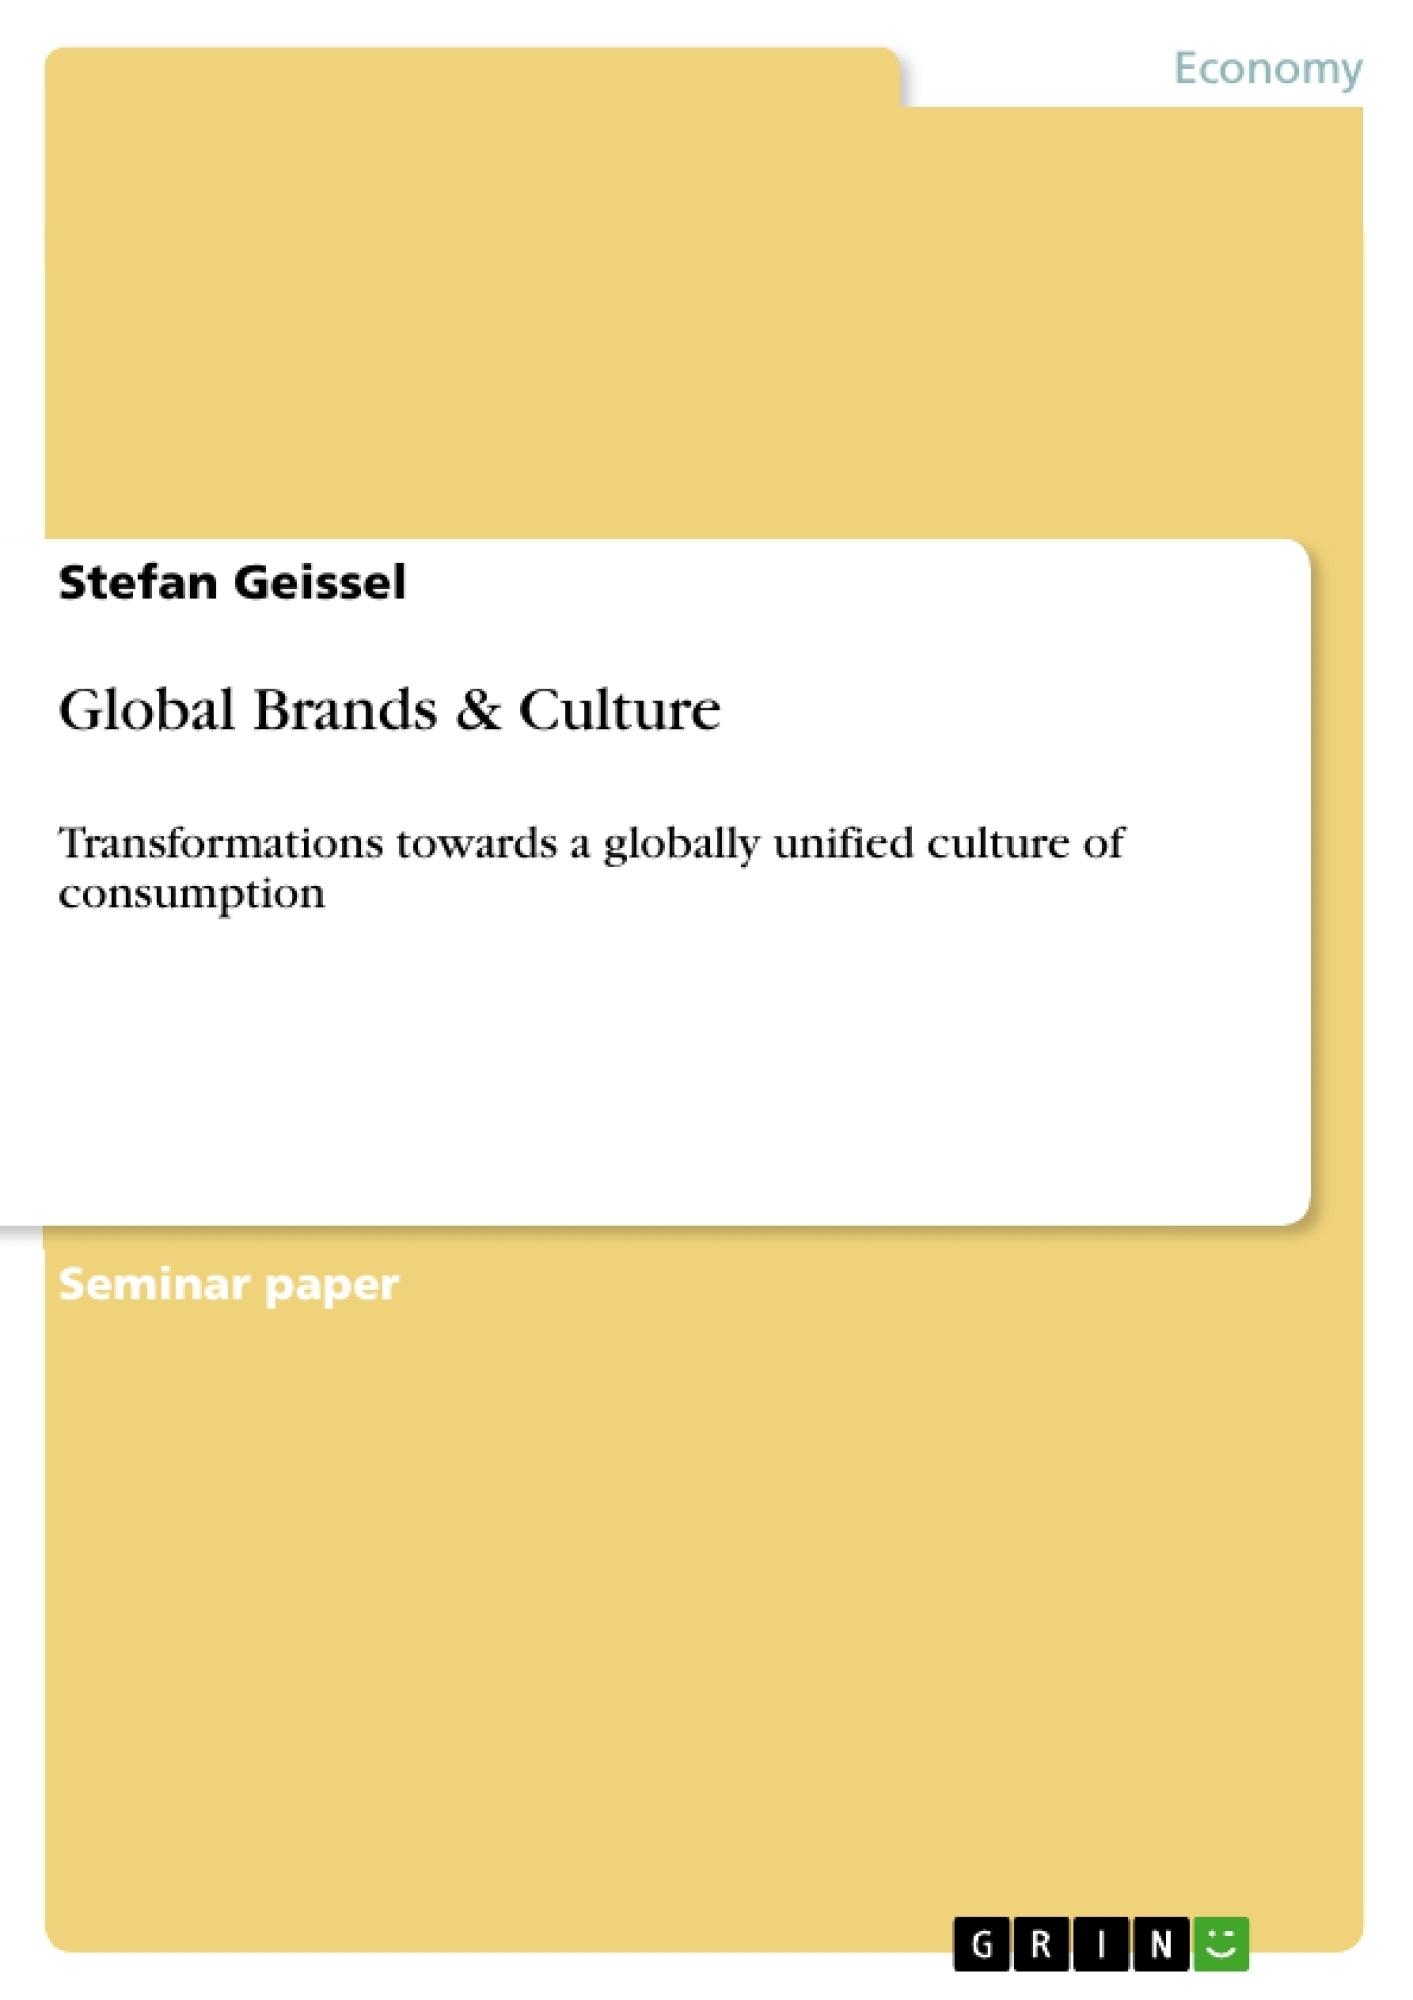 Title: Global Brands & Culture